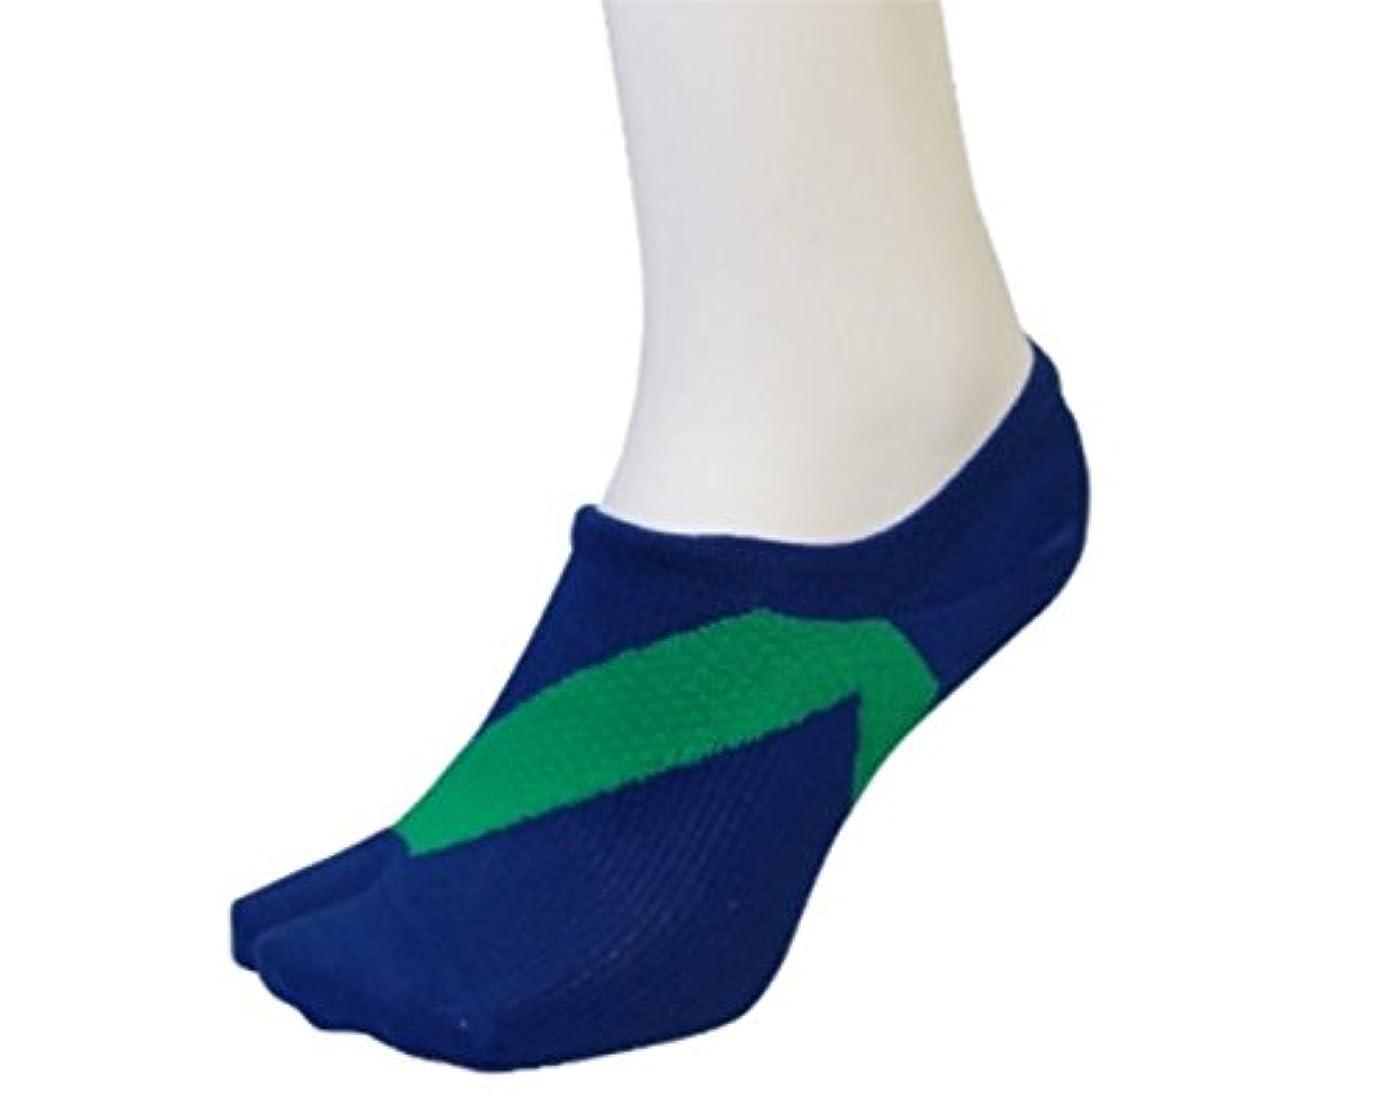 疑問に思うマークダウンタッチさとう式 フレクサーソックス スニーカータイプ 青緑 (M) 足袋型